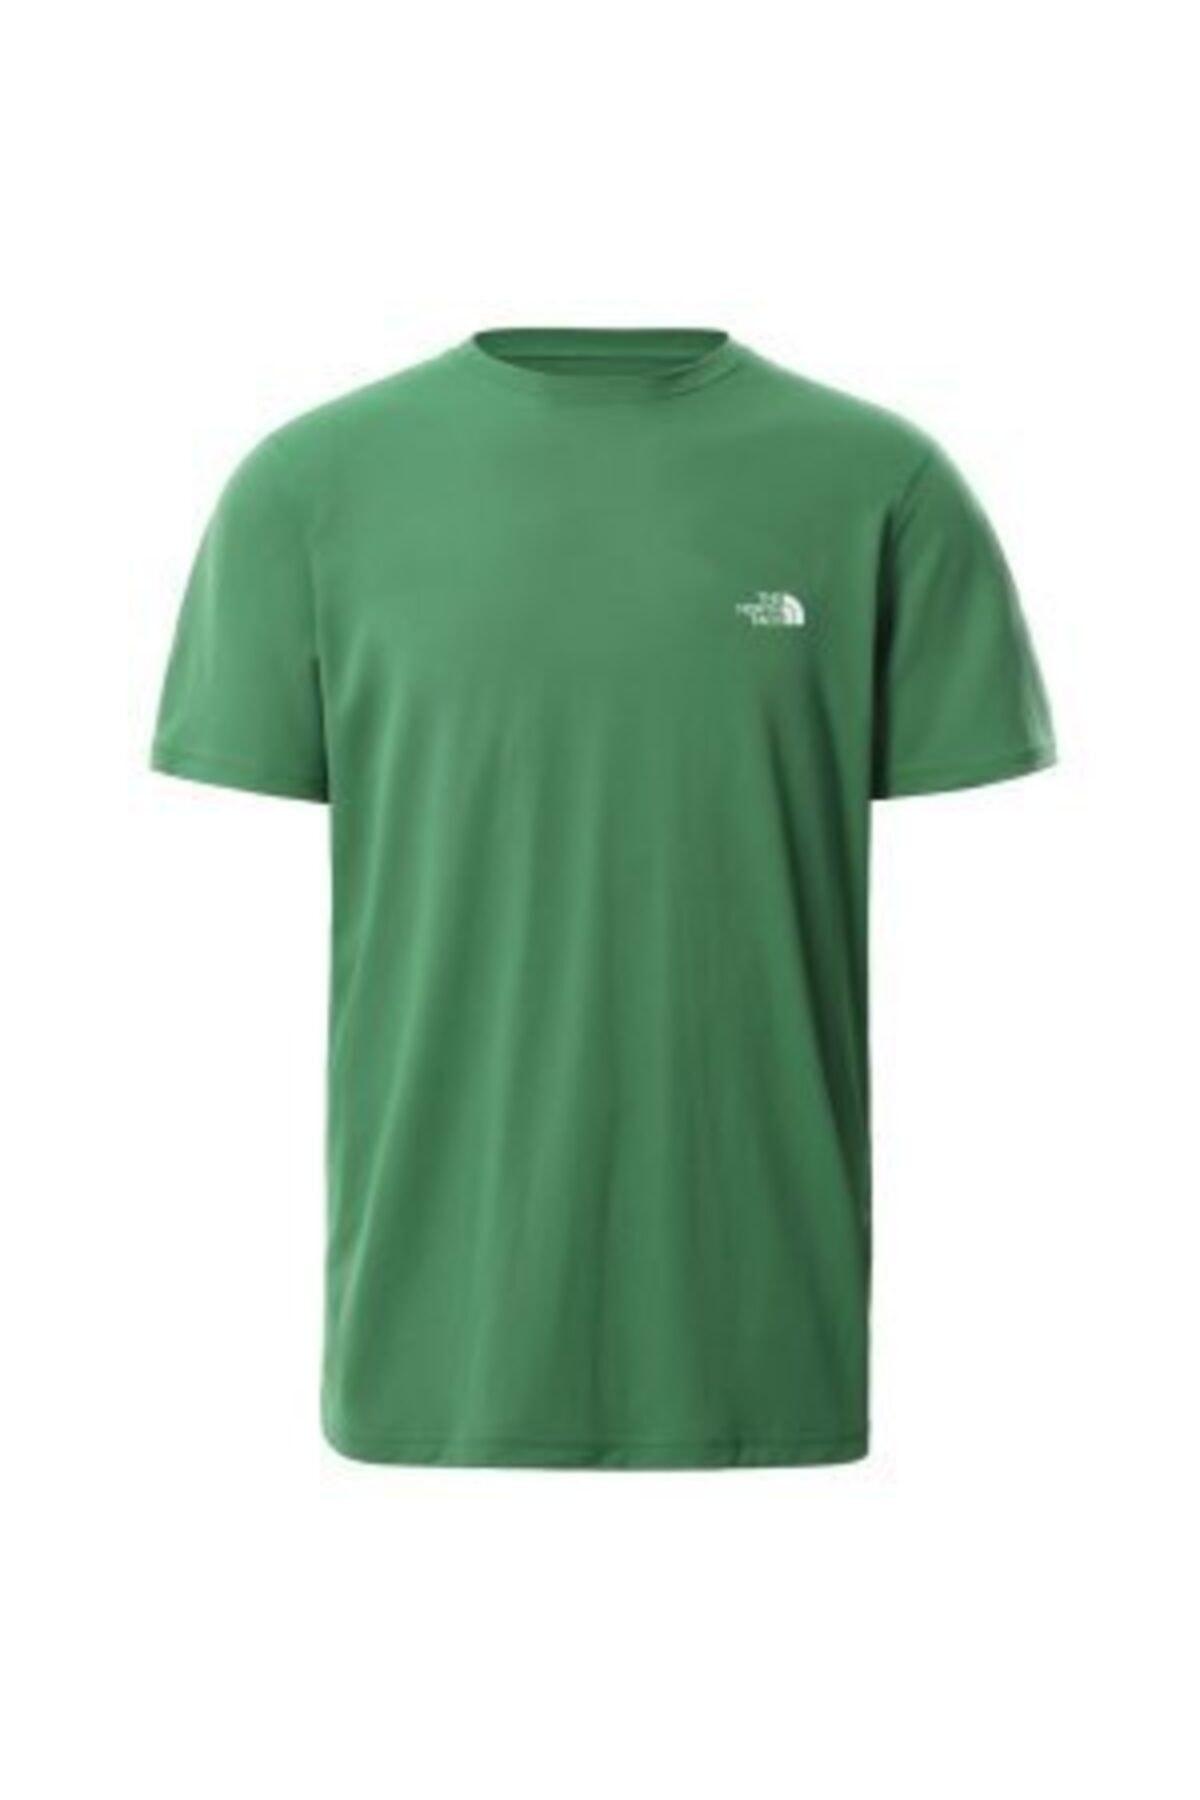 M New Basic Left Chest Logo Tee - Eu Erkek Yeşil Tshirt Nf0a55axeu21